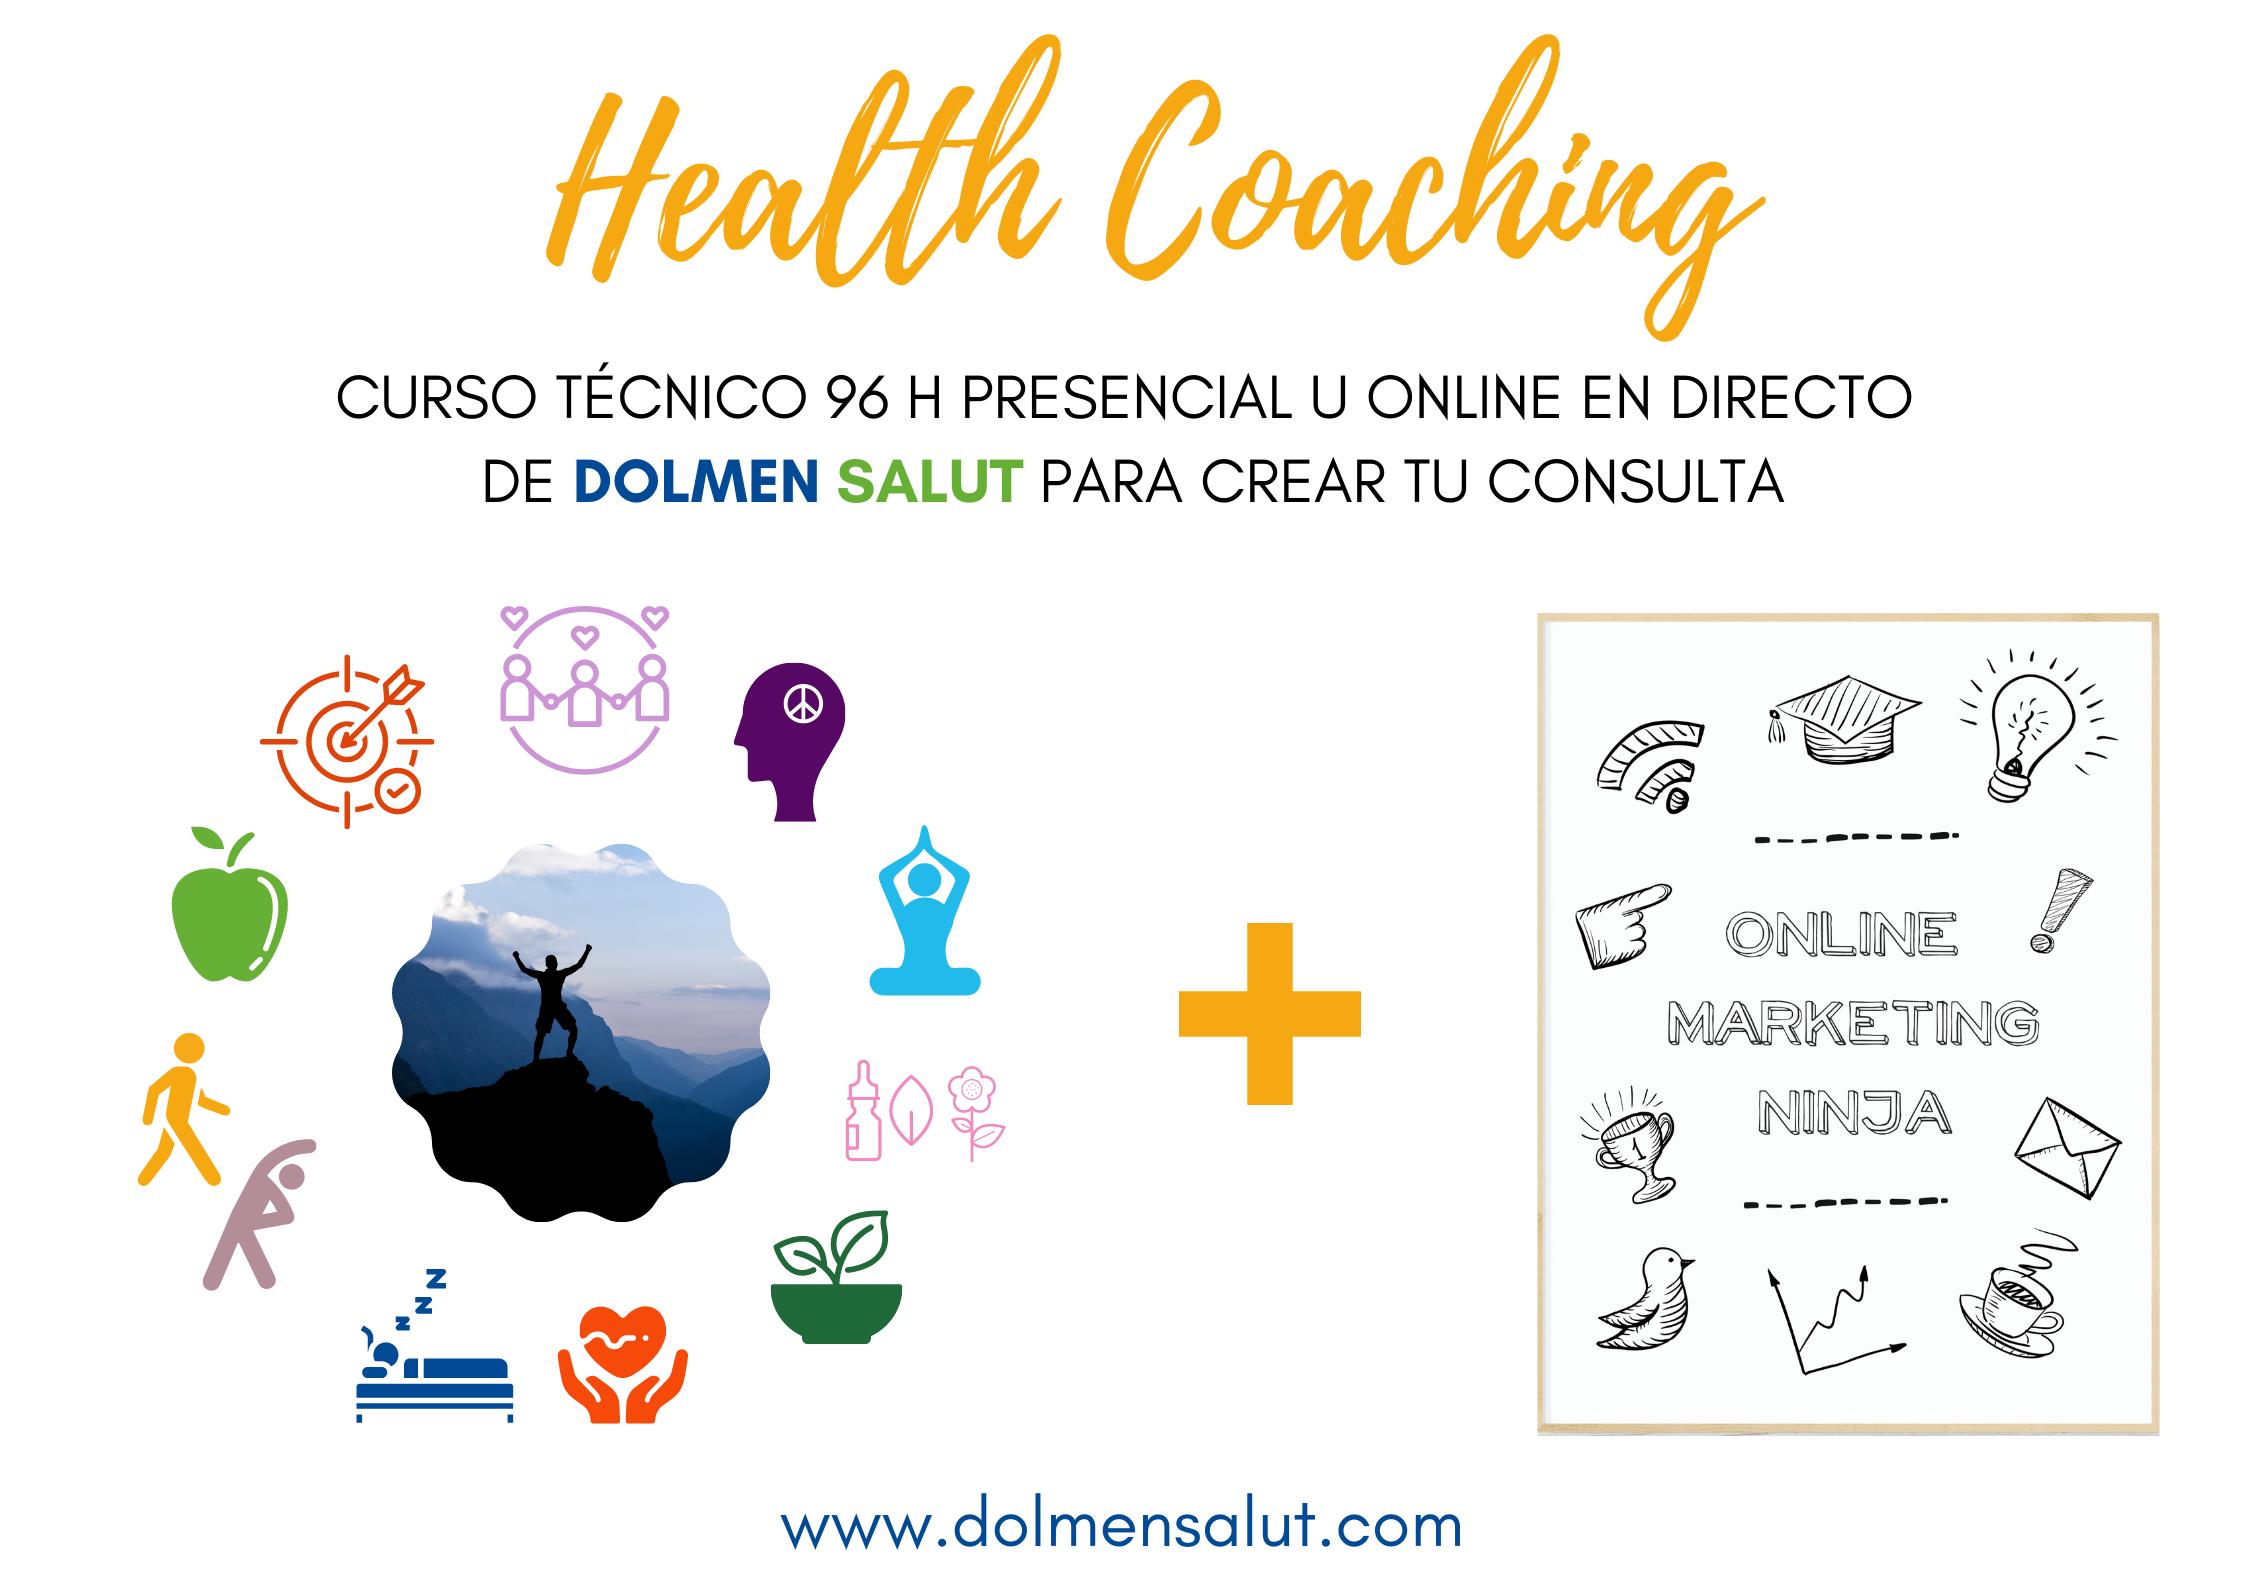 Curso de Técnico en Health Coaching de DOLMEN SALUT en Barcelona. Presencial, con opción a seguir las clases online en directo.